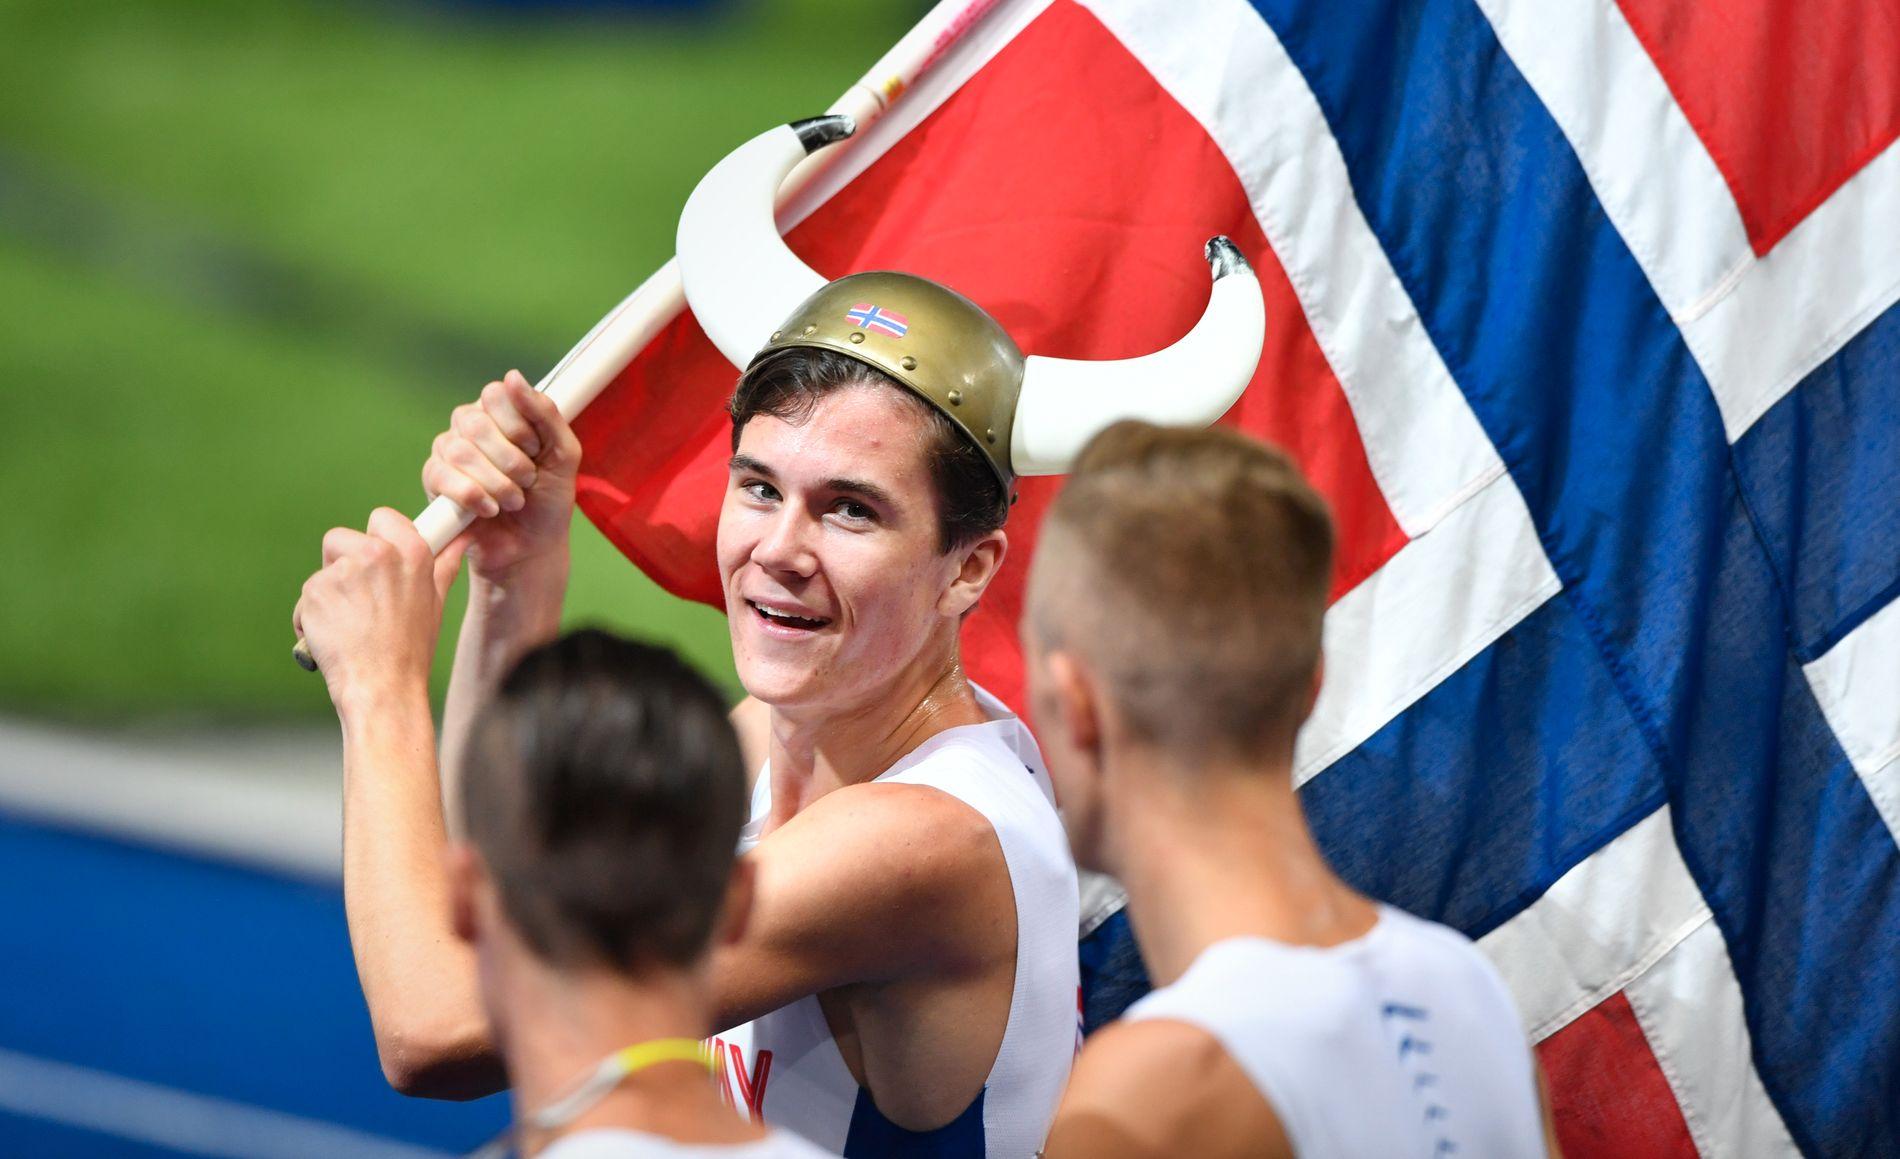 GULLET: Jakob Ingebrigtsen feirer gullet i Berlin-EM sammen med brødrene Filip (t.h.) og Henrik inne på banen etter seieren på 1500 meter.